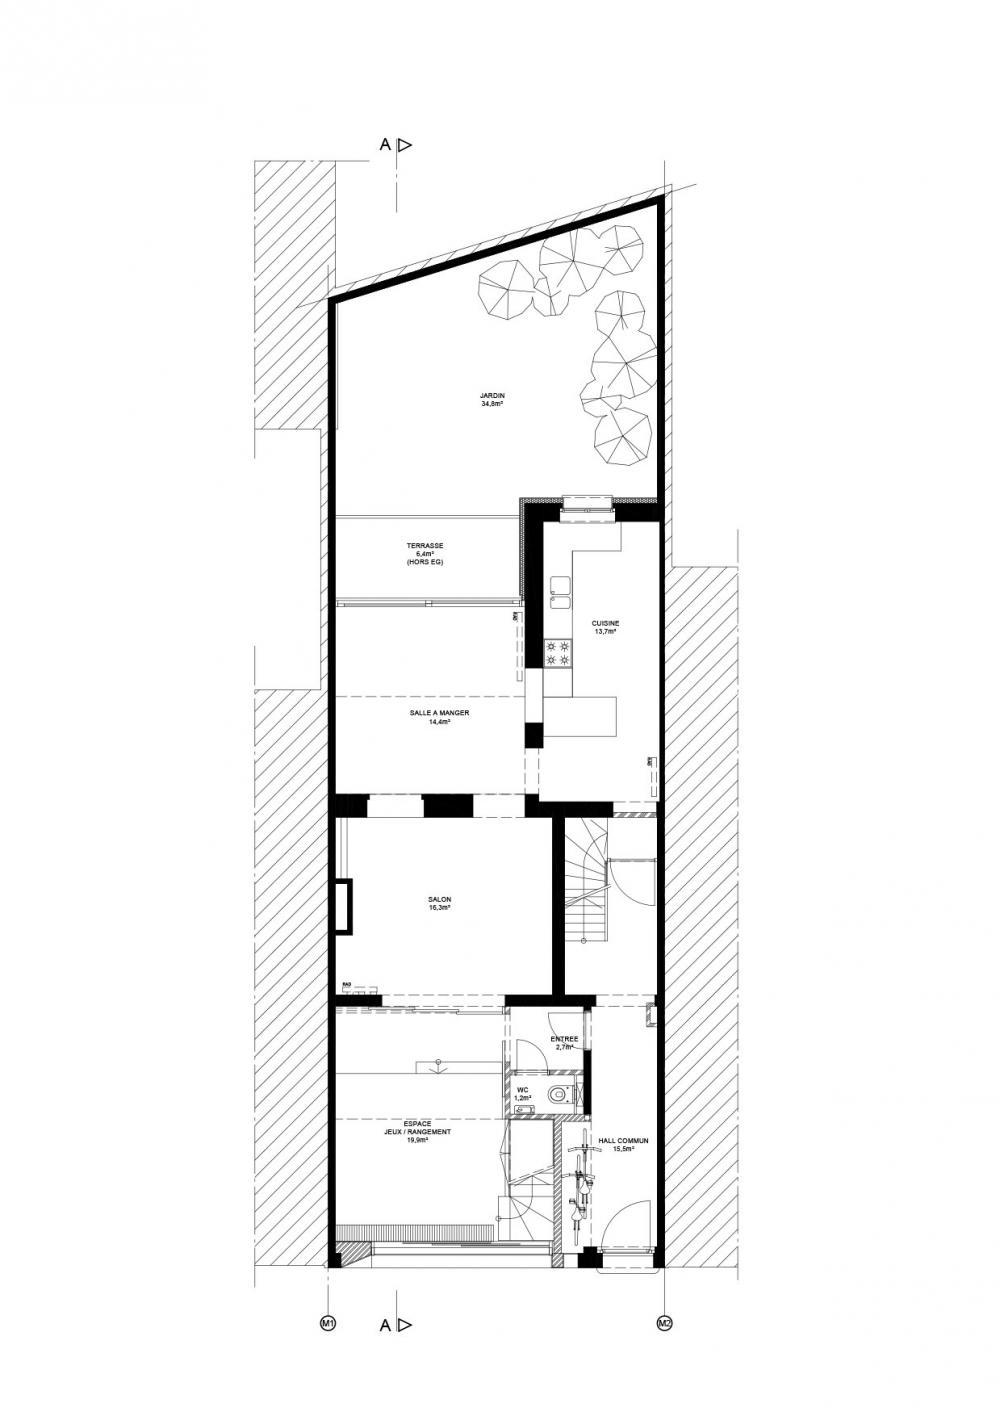 plan du rez-de-chaussée de la maison Dublin